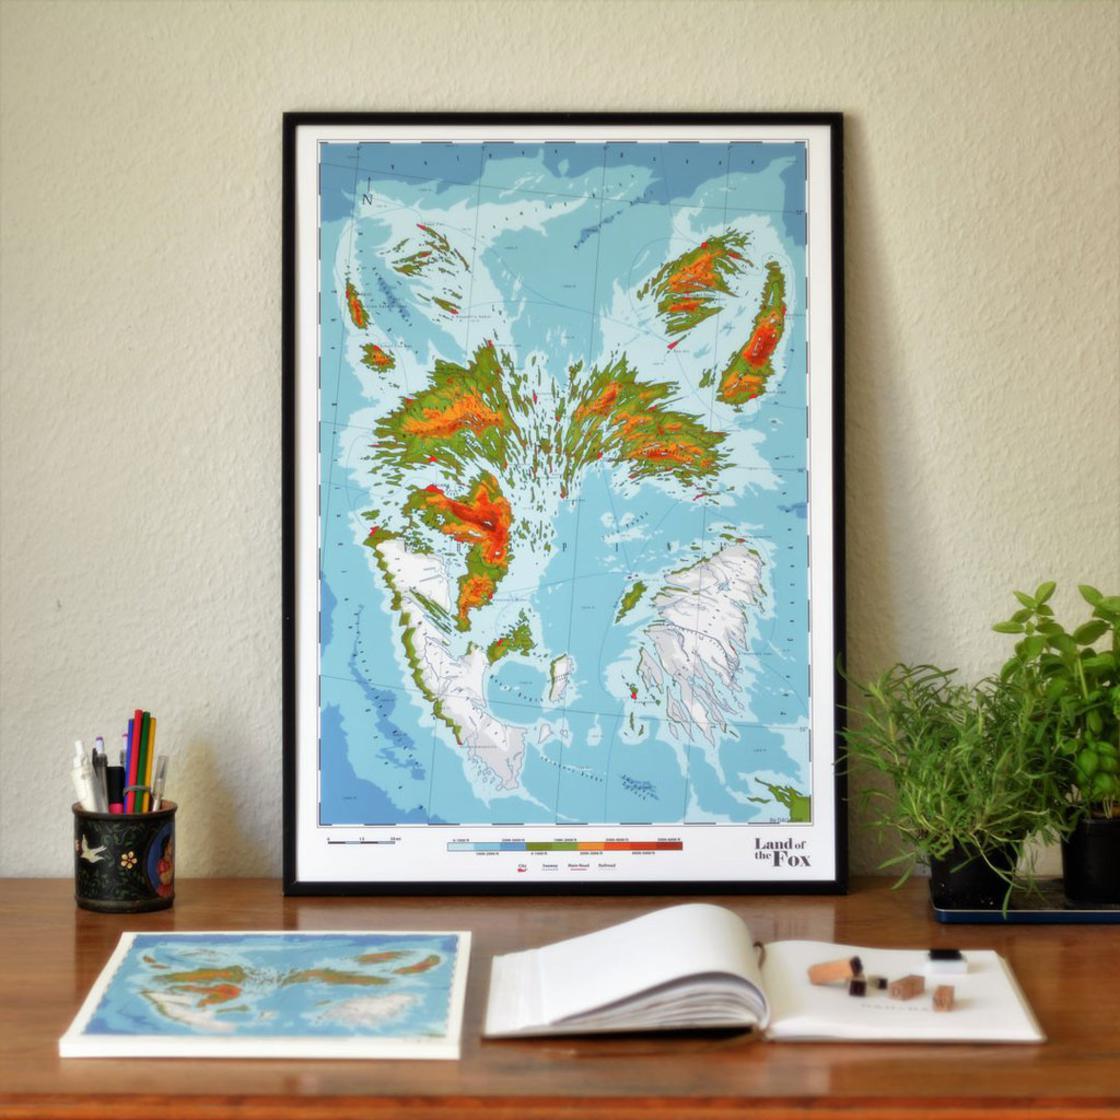 Mappa Animalia – Beautiful fictional maps paying tribute to animals